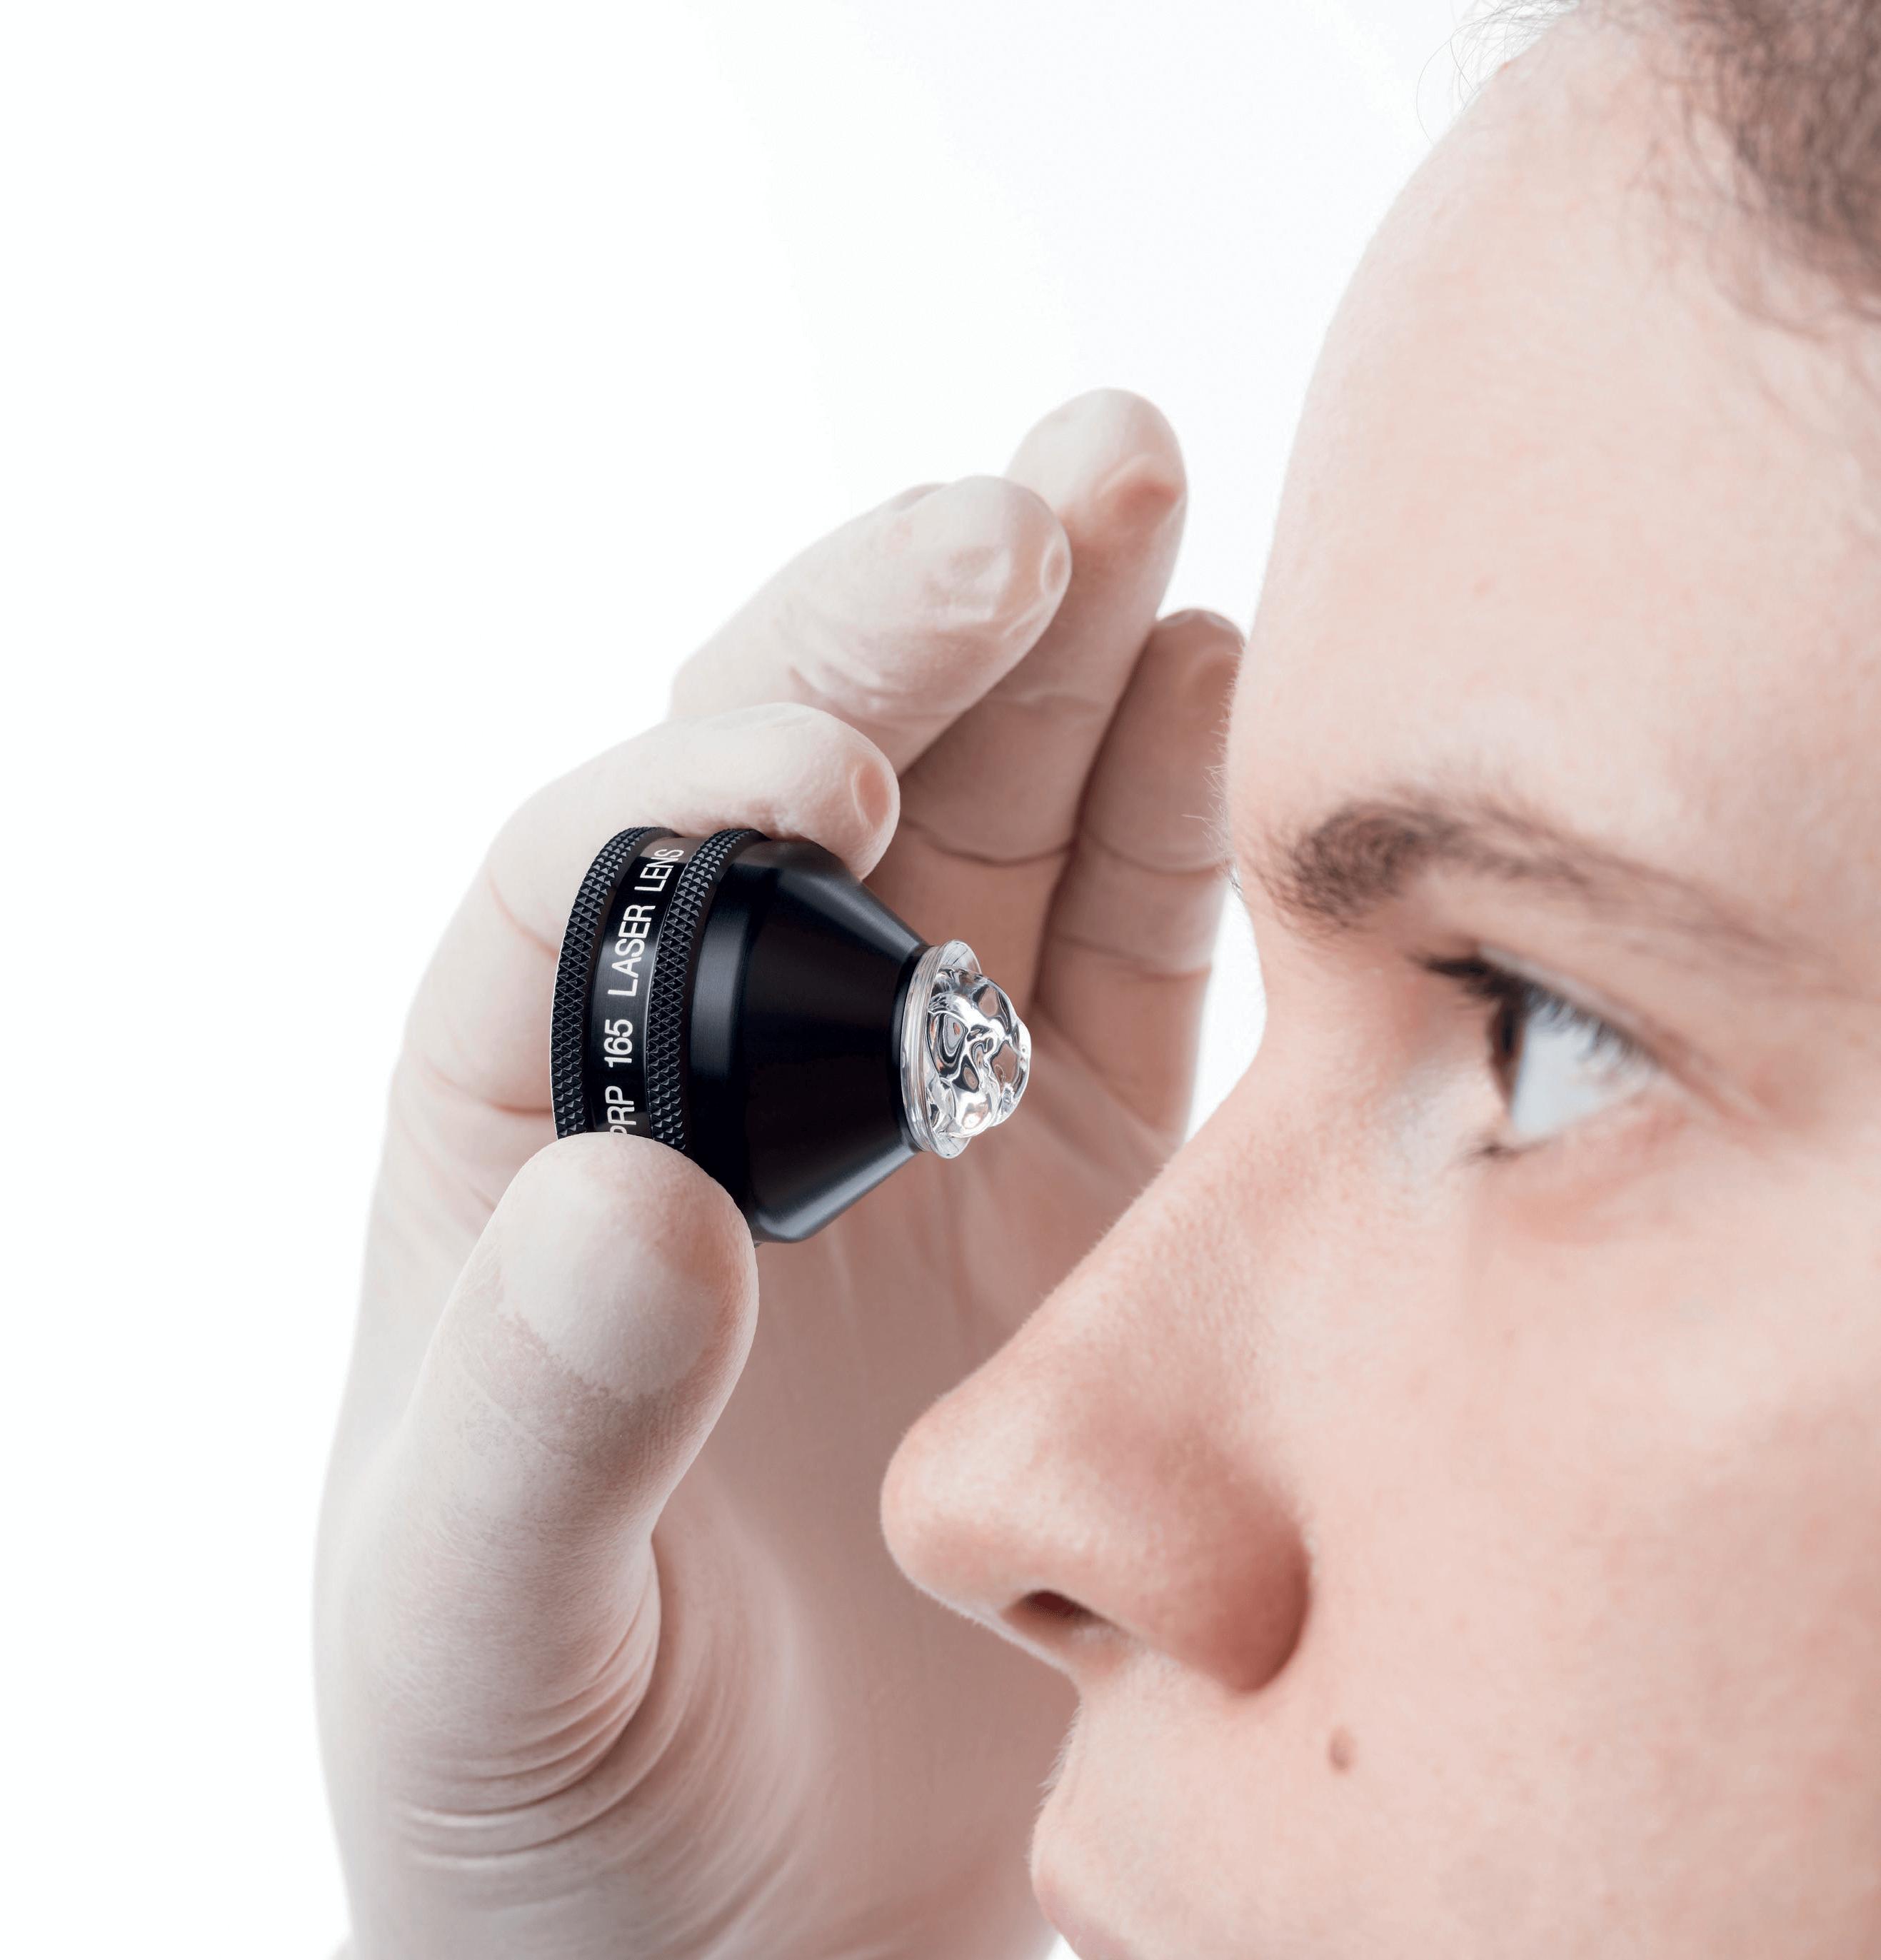 Ocigel - oftalminen tutkimusgeeli